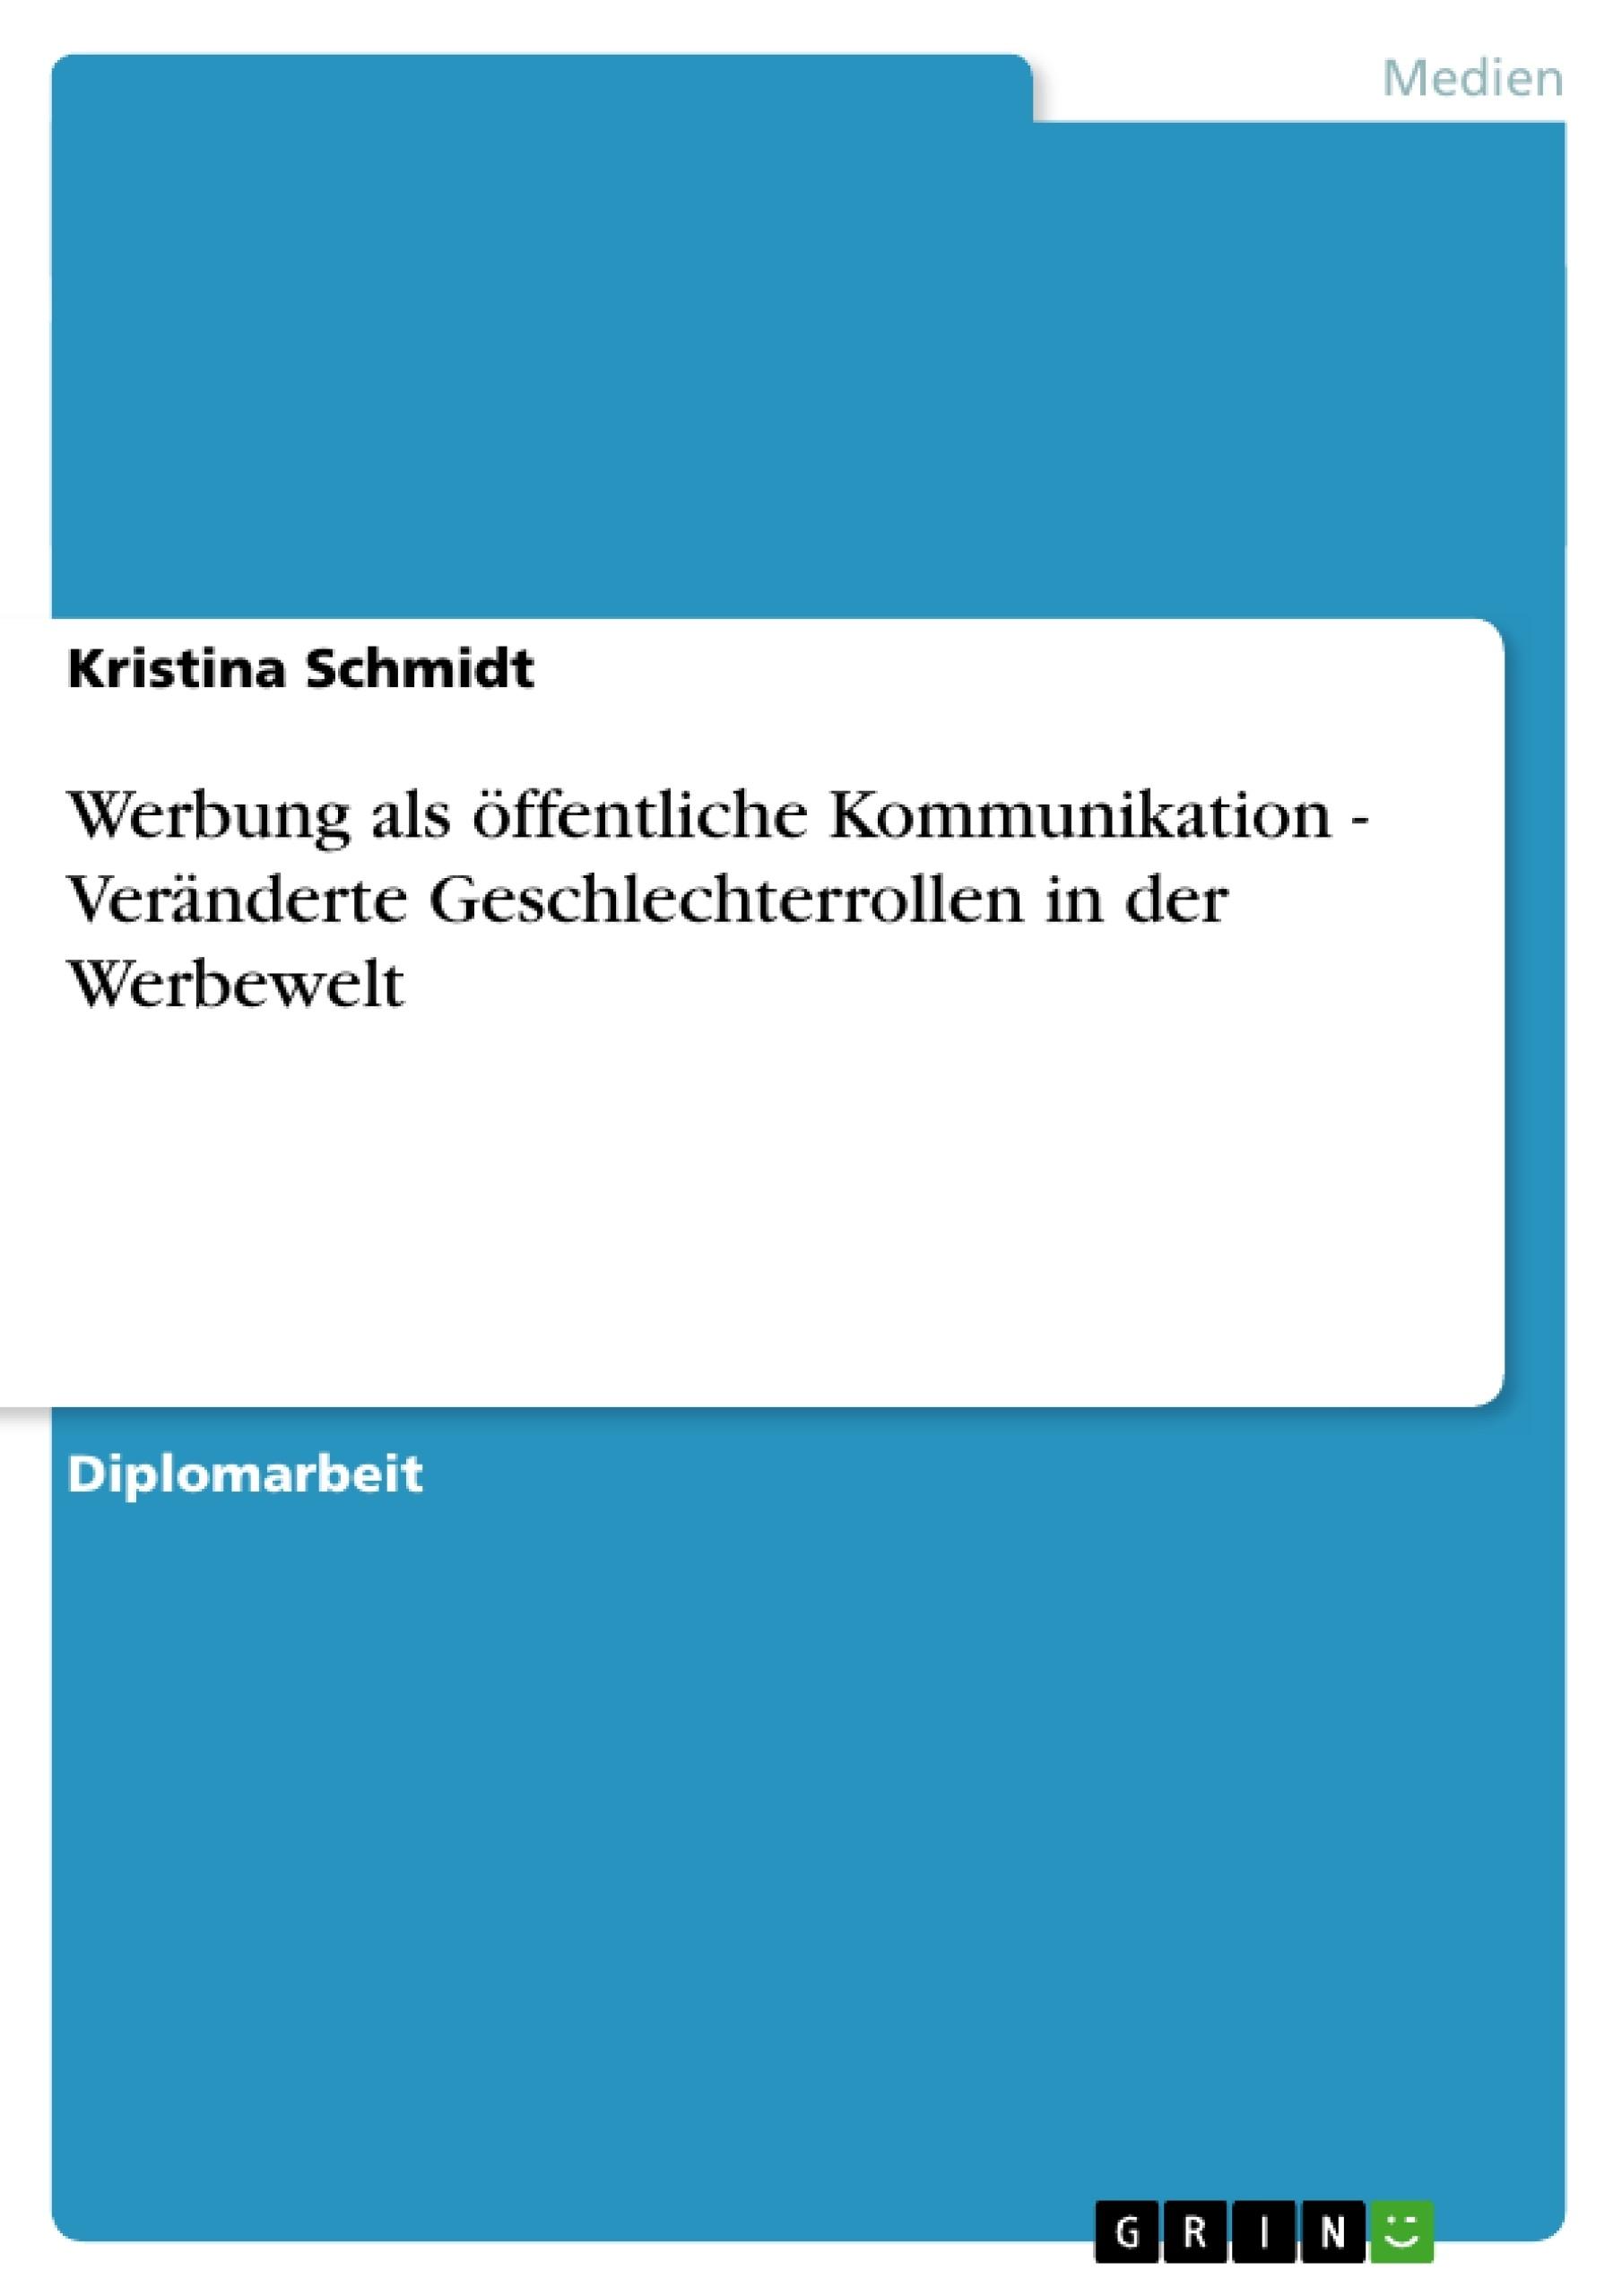 Titel: Werbung als öffentliche Kommunikation - Veränderte Geschlechterrollen in der Werbewelt